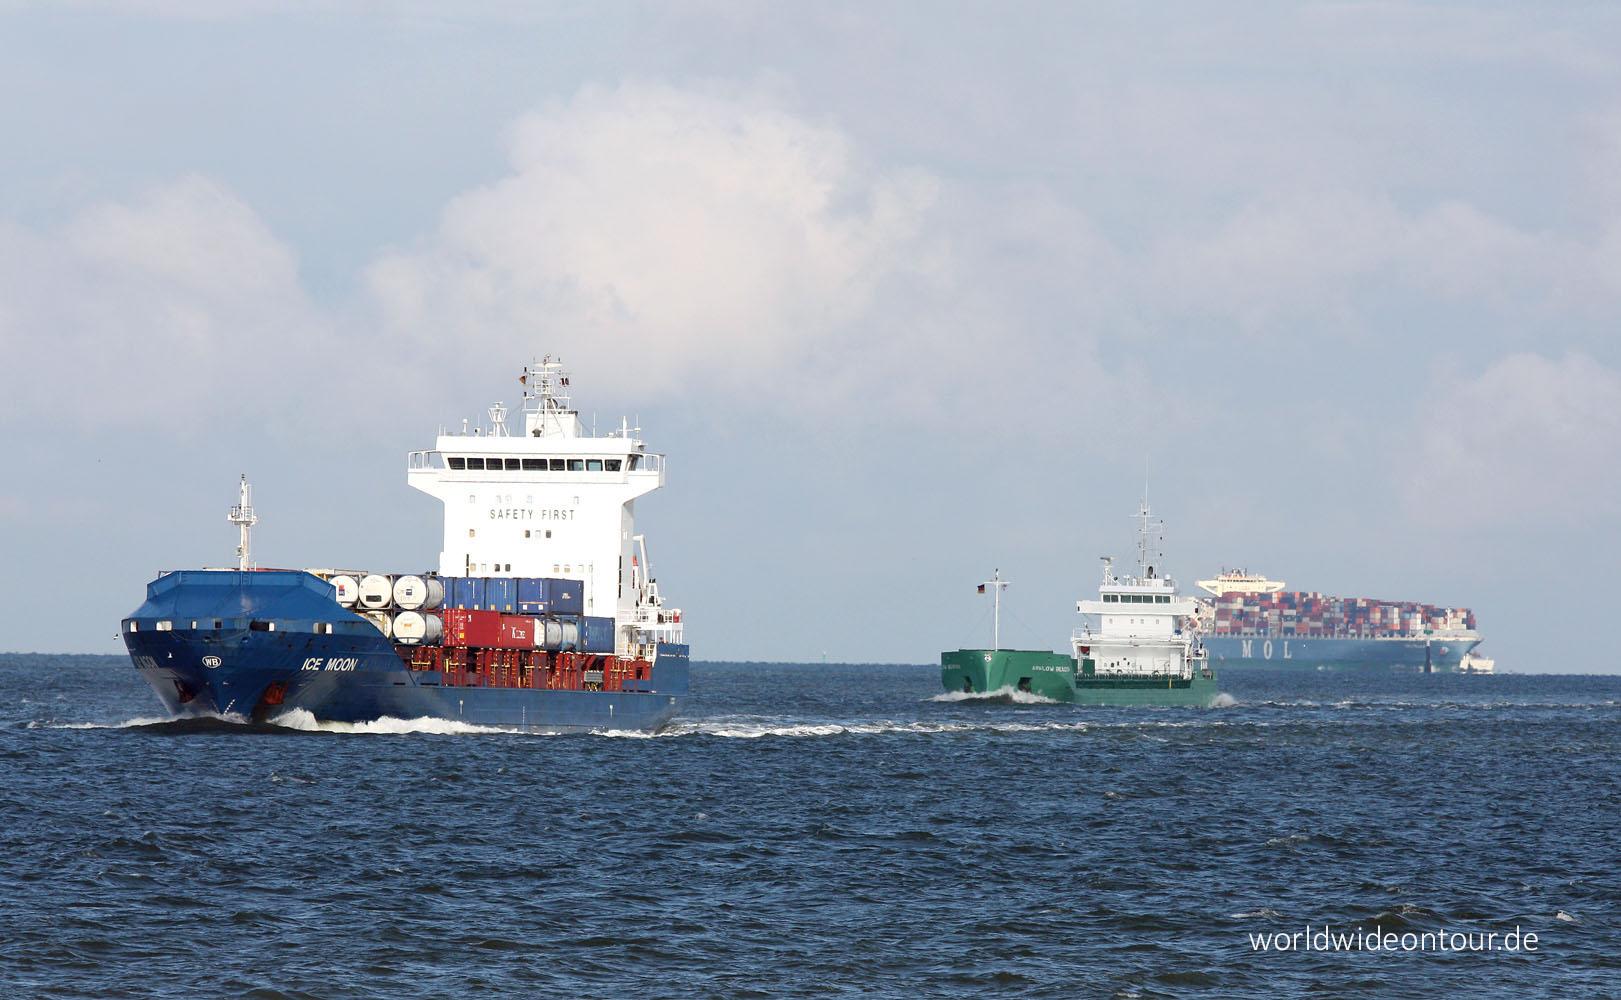 drei-schiffe-einkommend-whe_bearbeitet-1